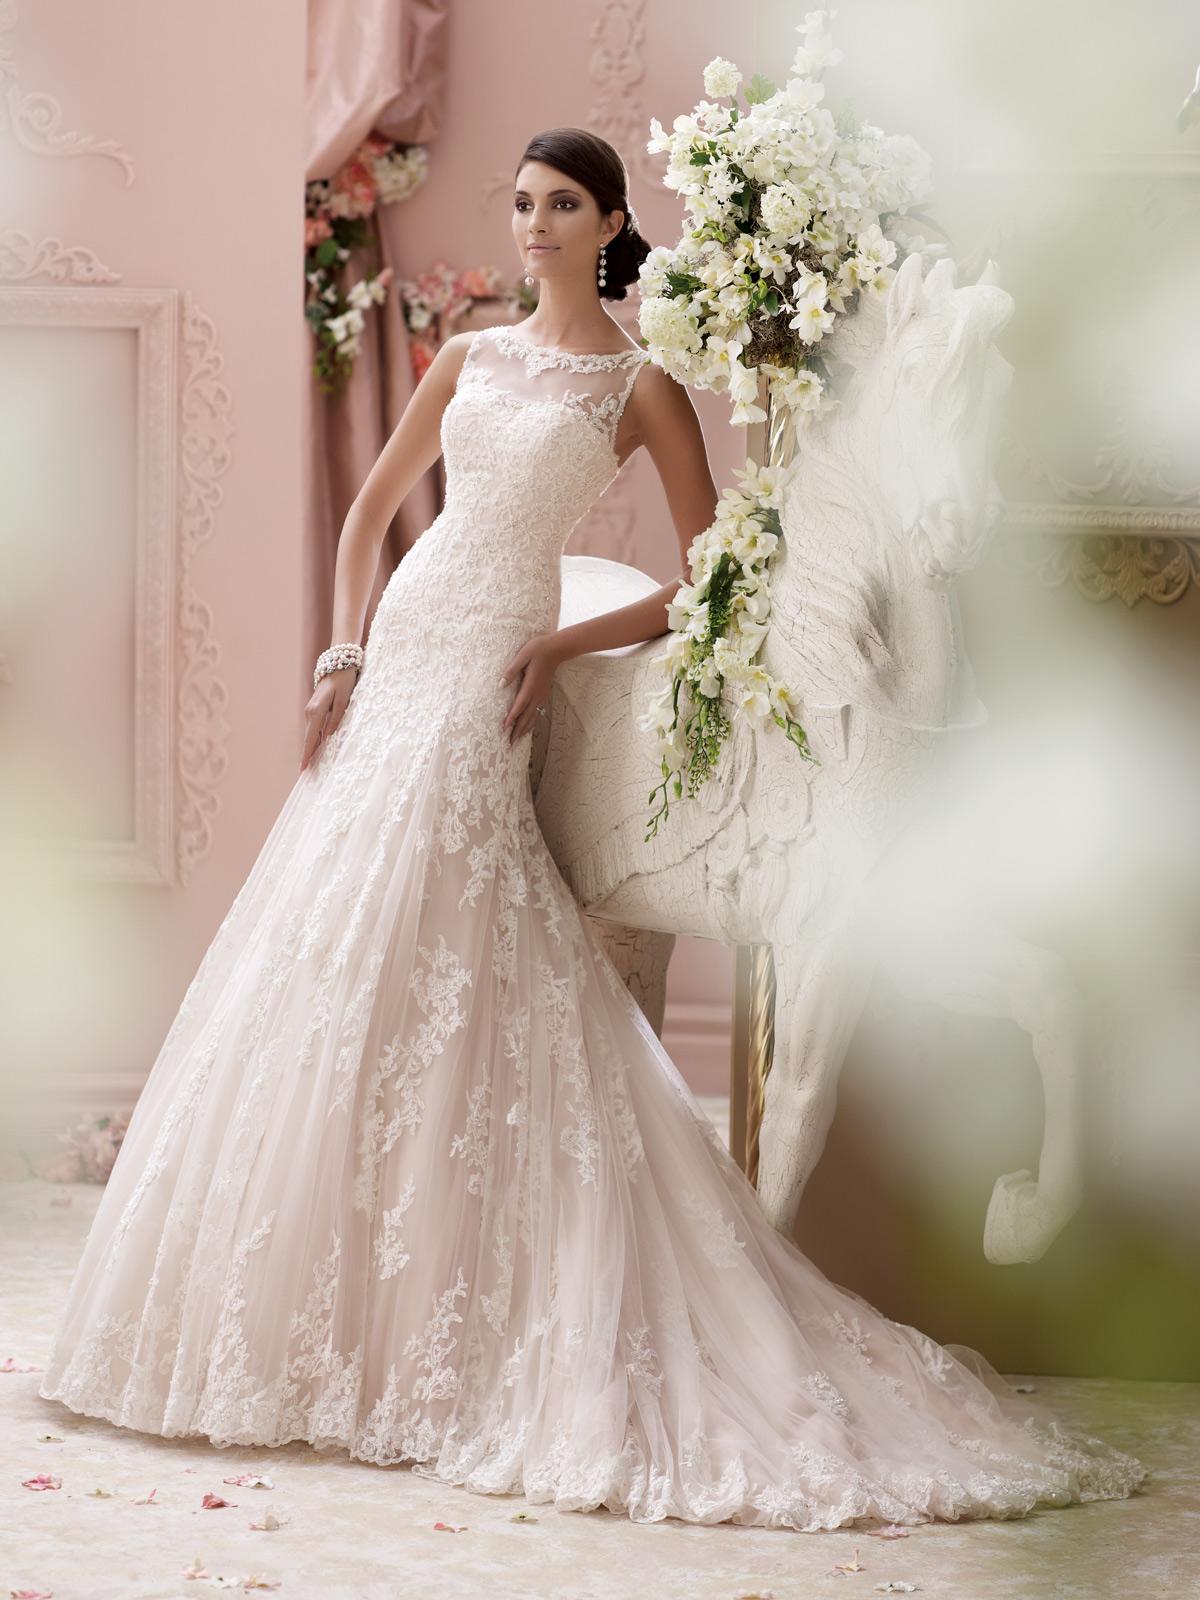 مجموعه فساتين زفاف جديدة للغاية 2015